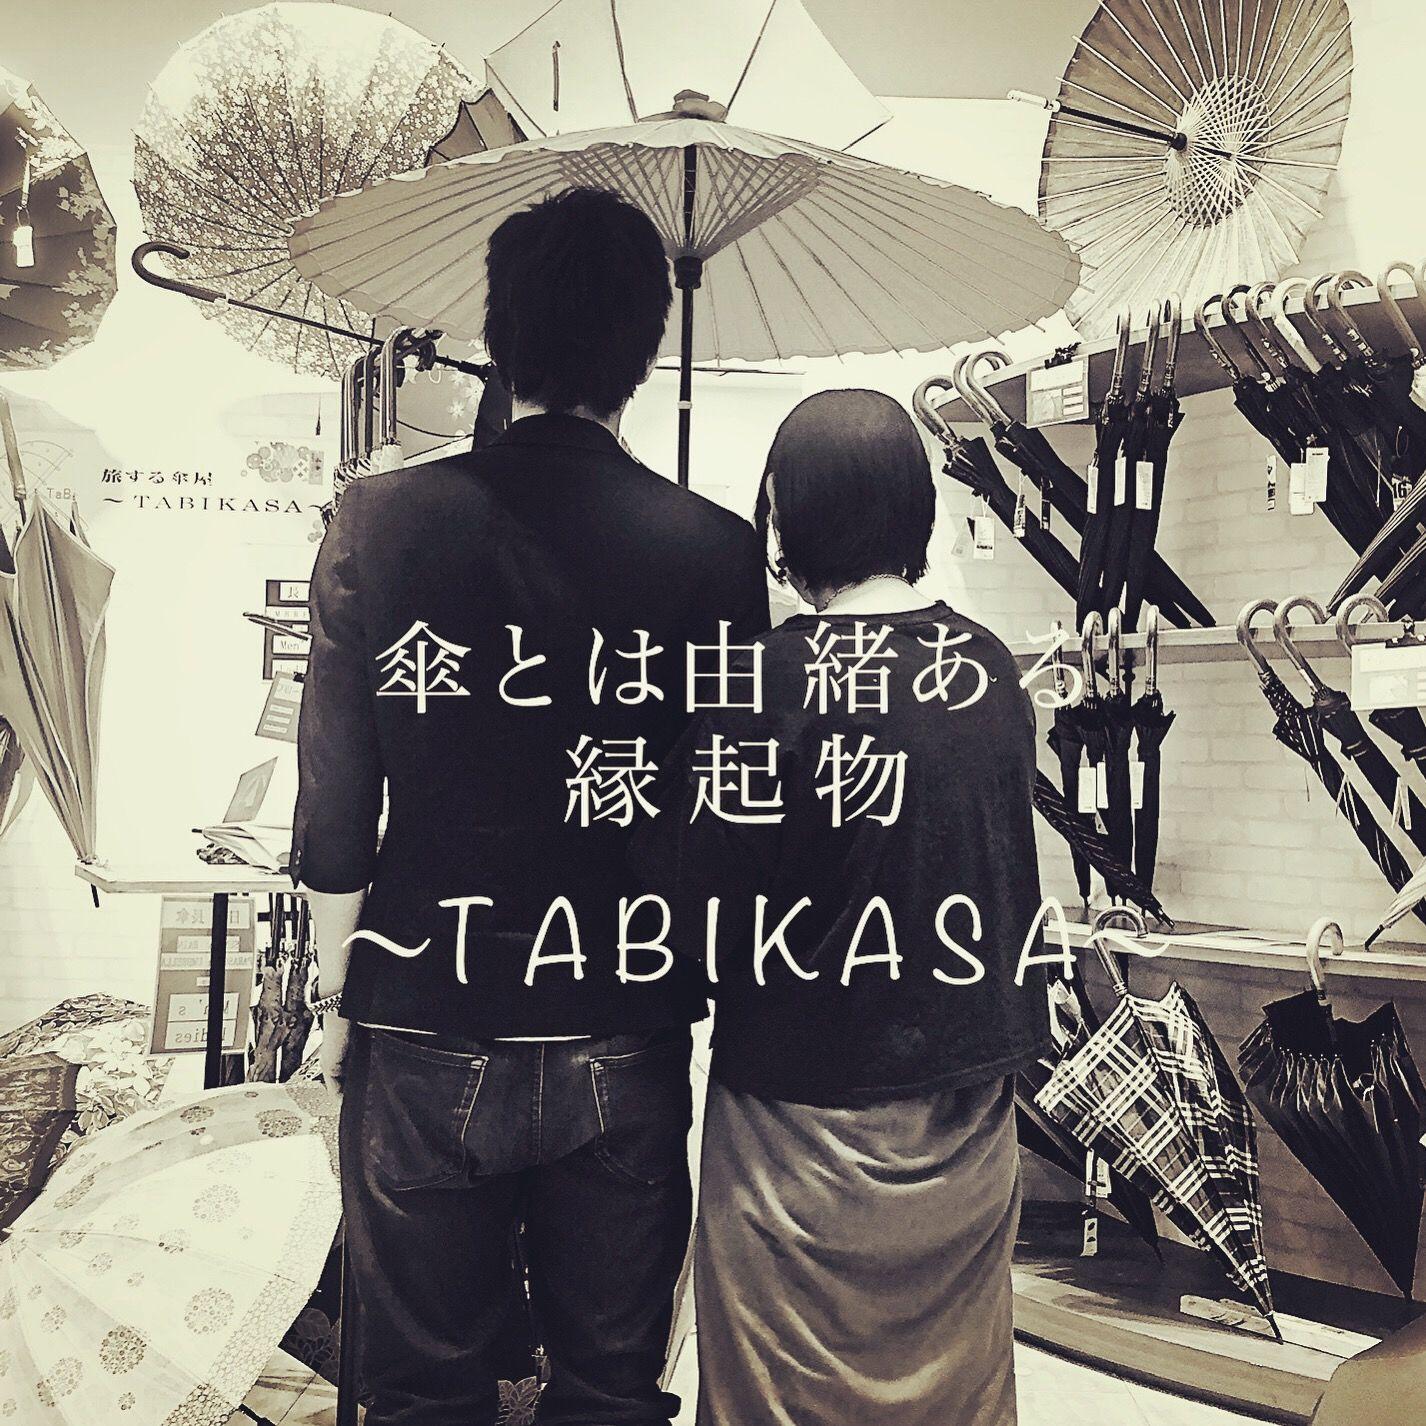 業界屈指の品揃え 東京 傘専門店 旅する傘屋〜旅傘 TABIKASA〜